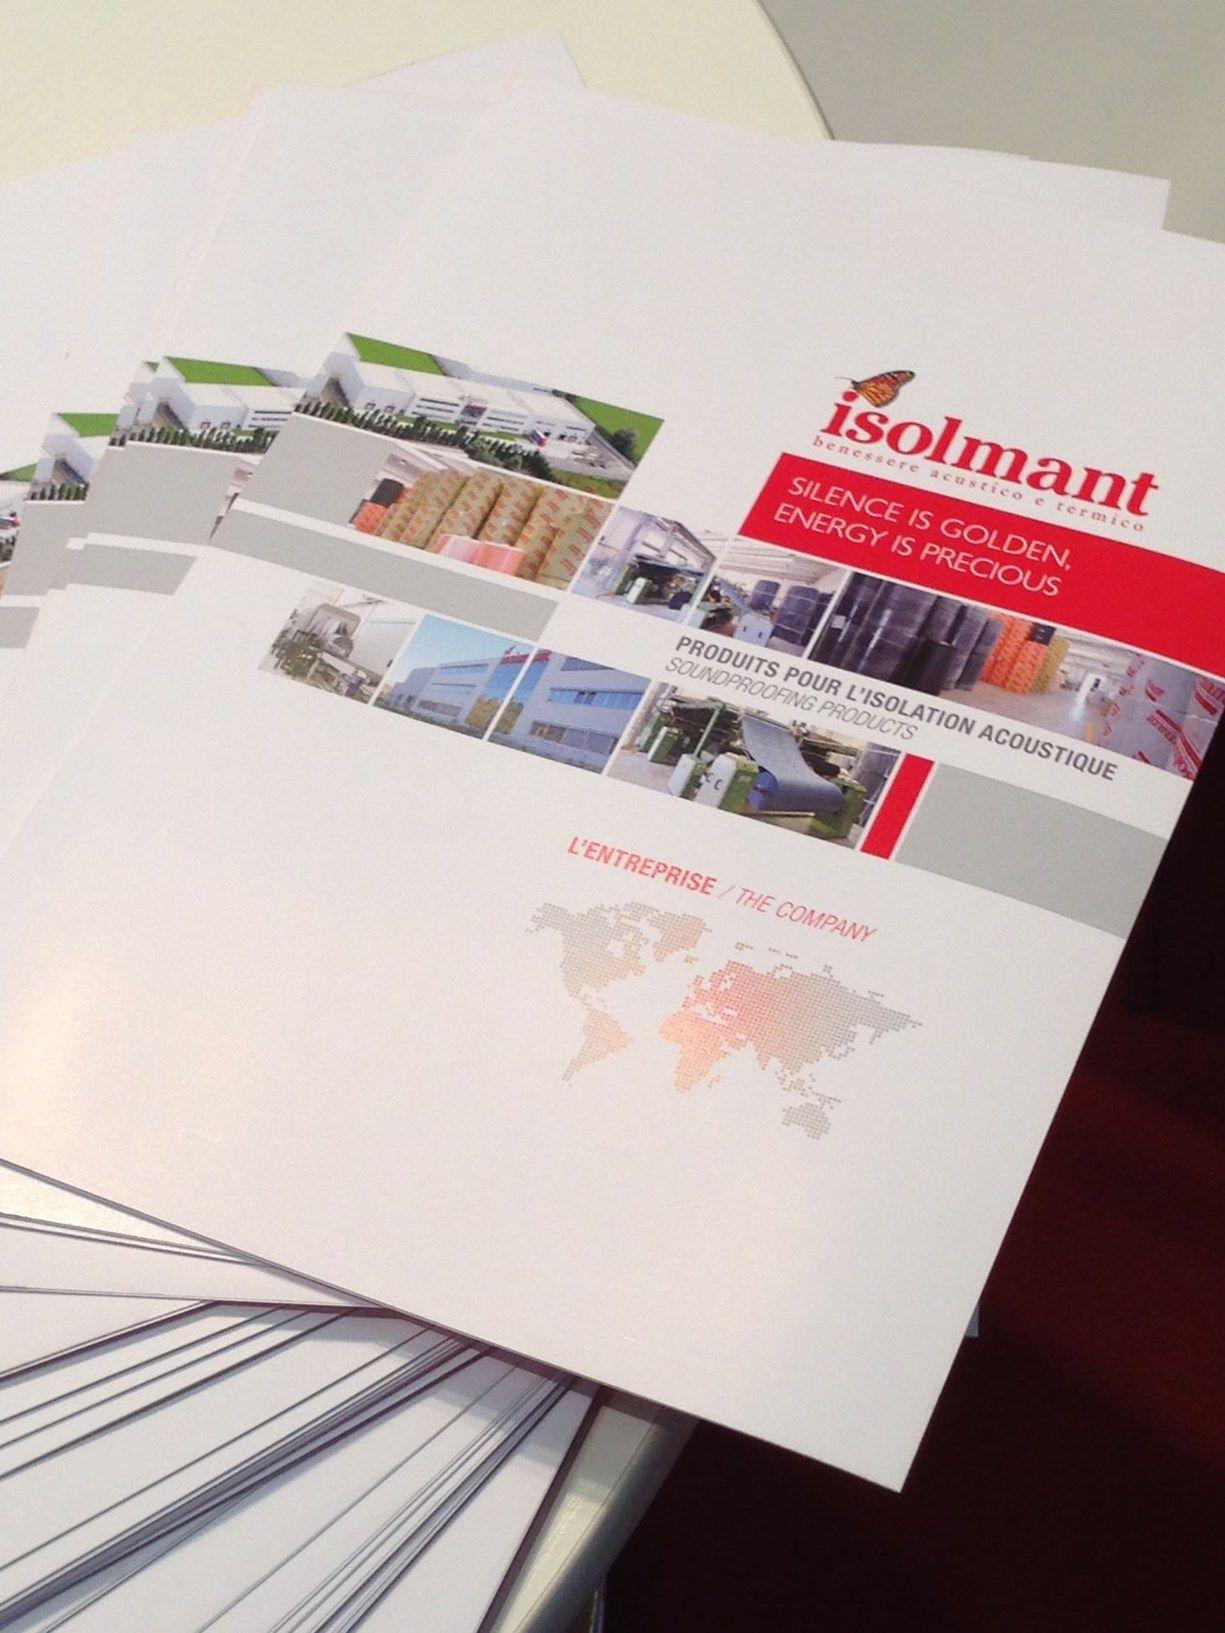 Tecnasfalti-Isolmant al Batimat: in mostra i nuovi prodotti attenti alla sostenibilità e all'innovazione